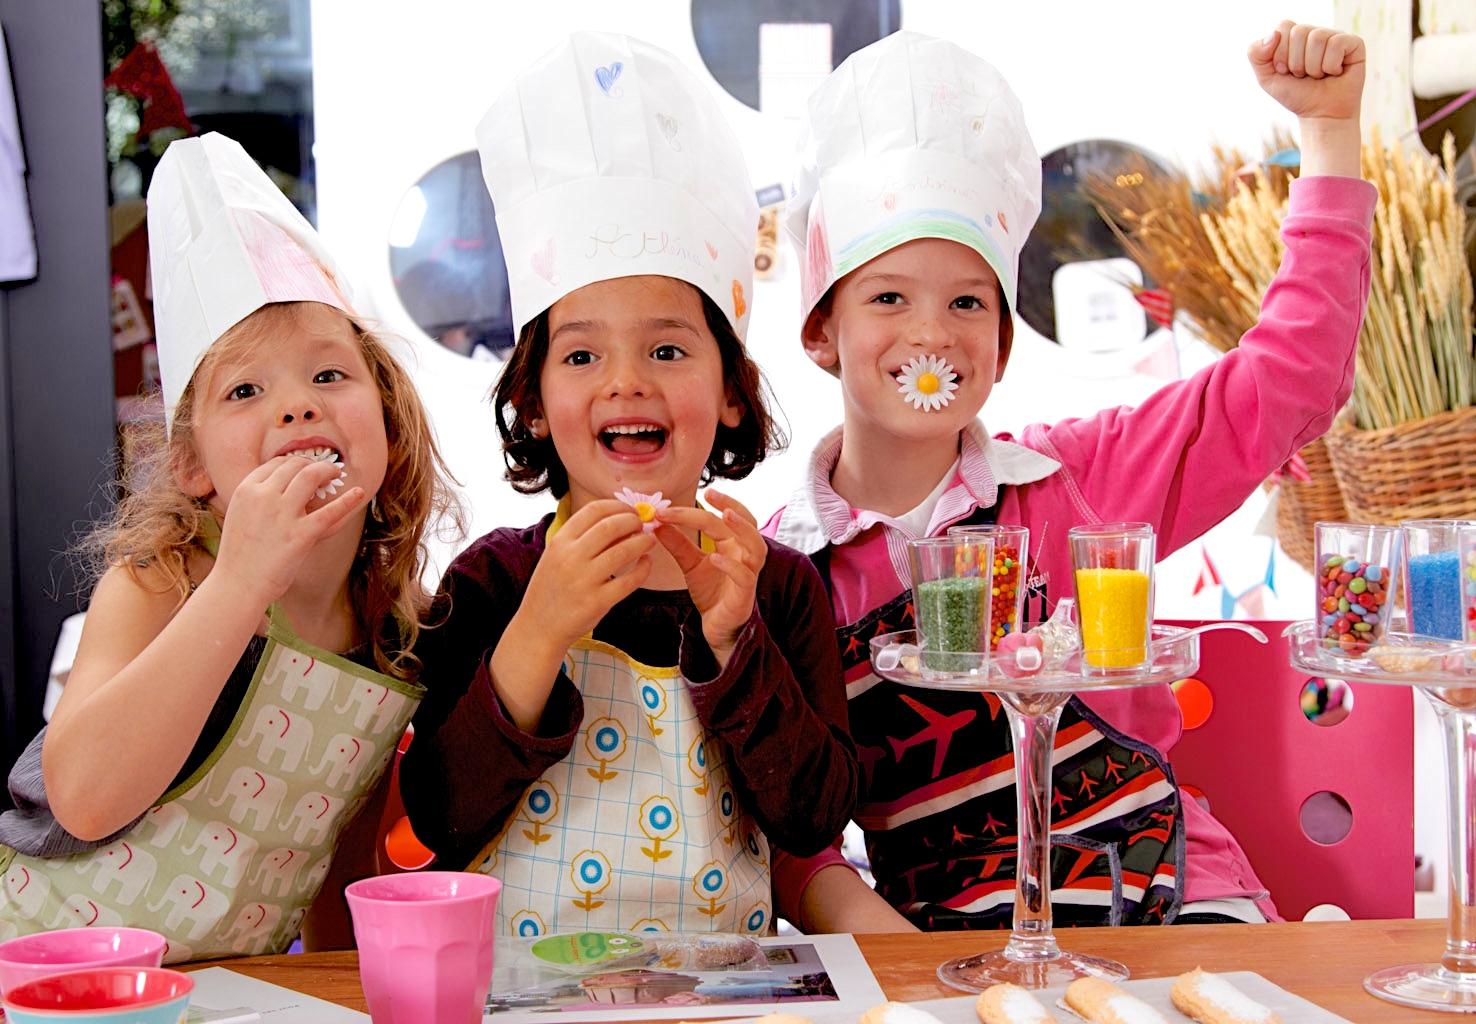 Rendez vous chez cake l 39 atelier pour les vacances de no l - Atelier cuisine pour enfants ...